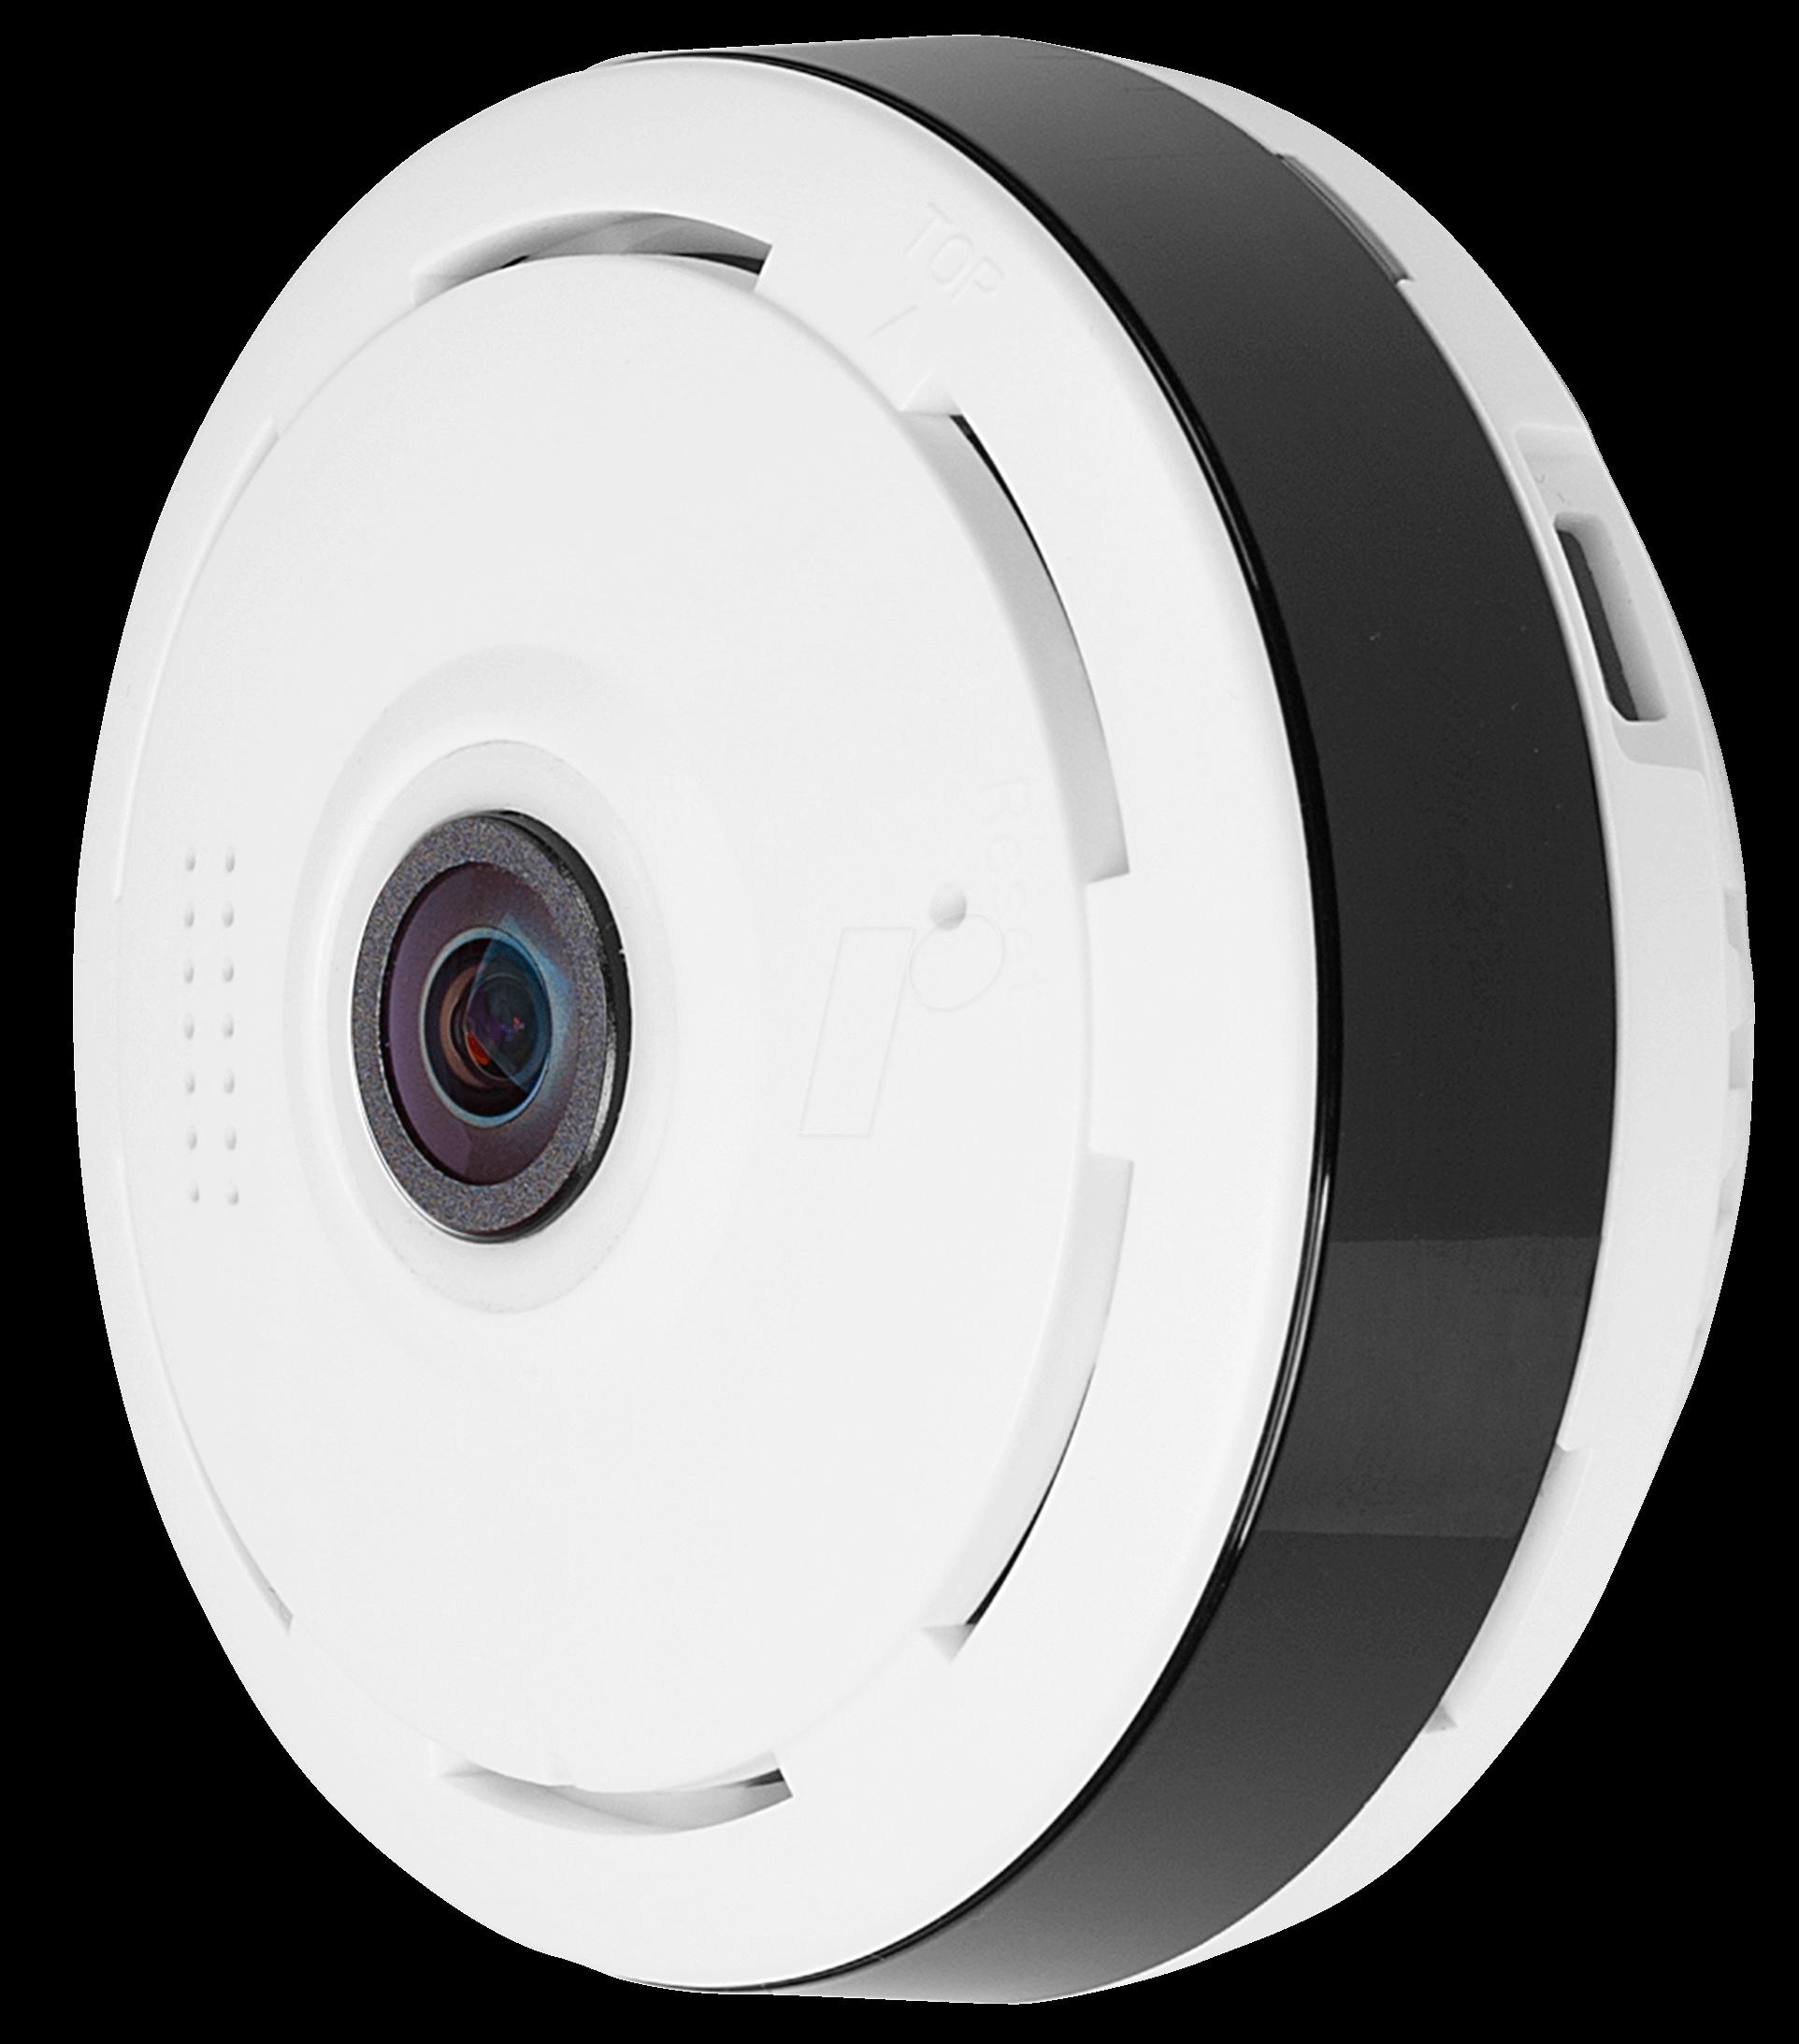 Rundum überwachungskamera Für Auto : sw c360ip berwachungskamera ip wlan innen bei reichelt elektronik ~ Aude.kayakingforconservation.com Haus und Dekorationen